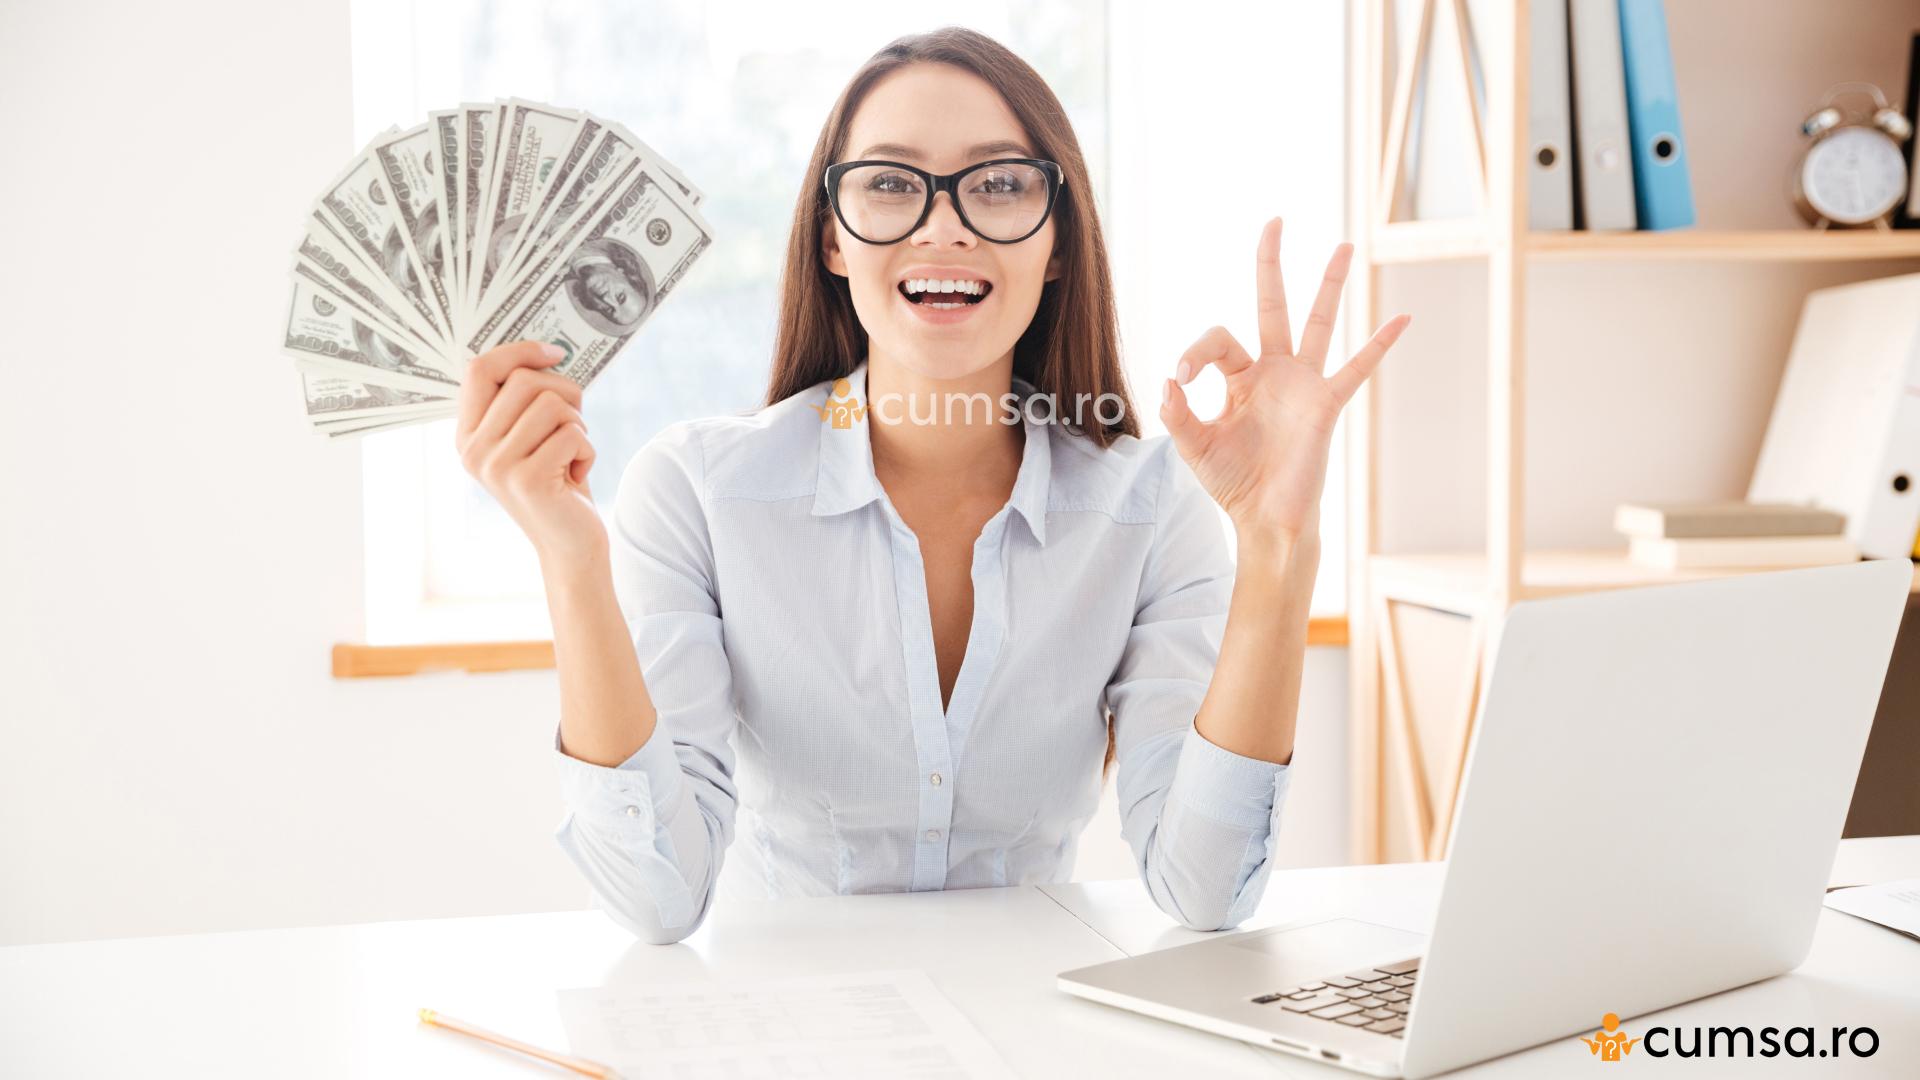 modul în care studenții câștigă bani pe internet despre tranzacționare la prima mână